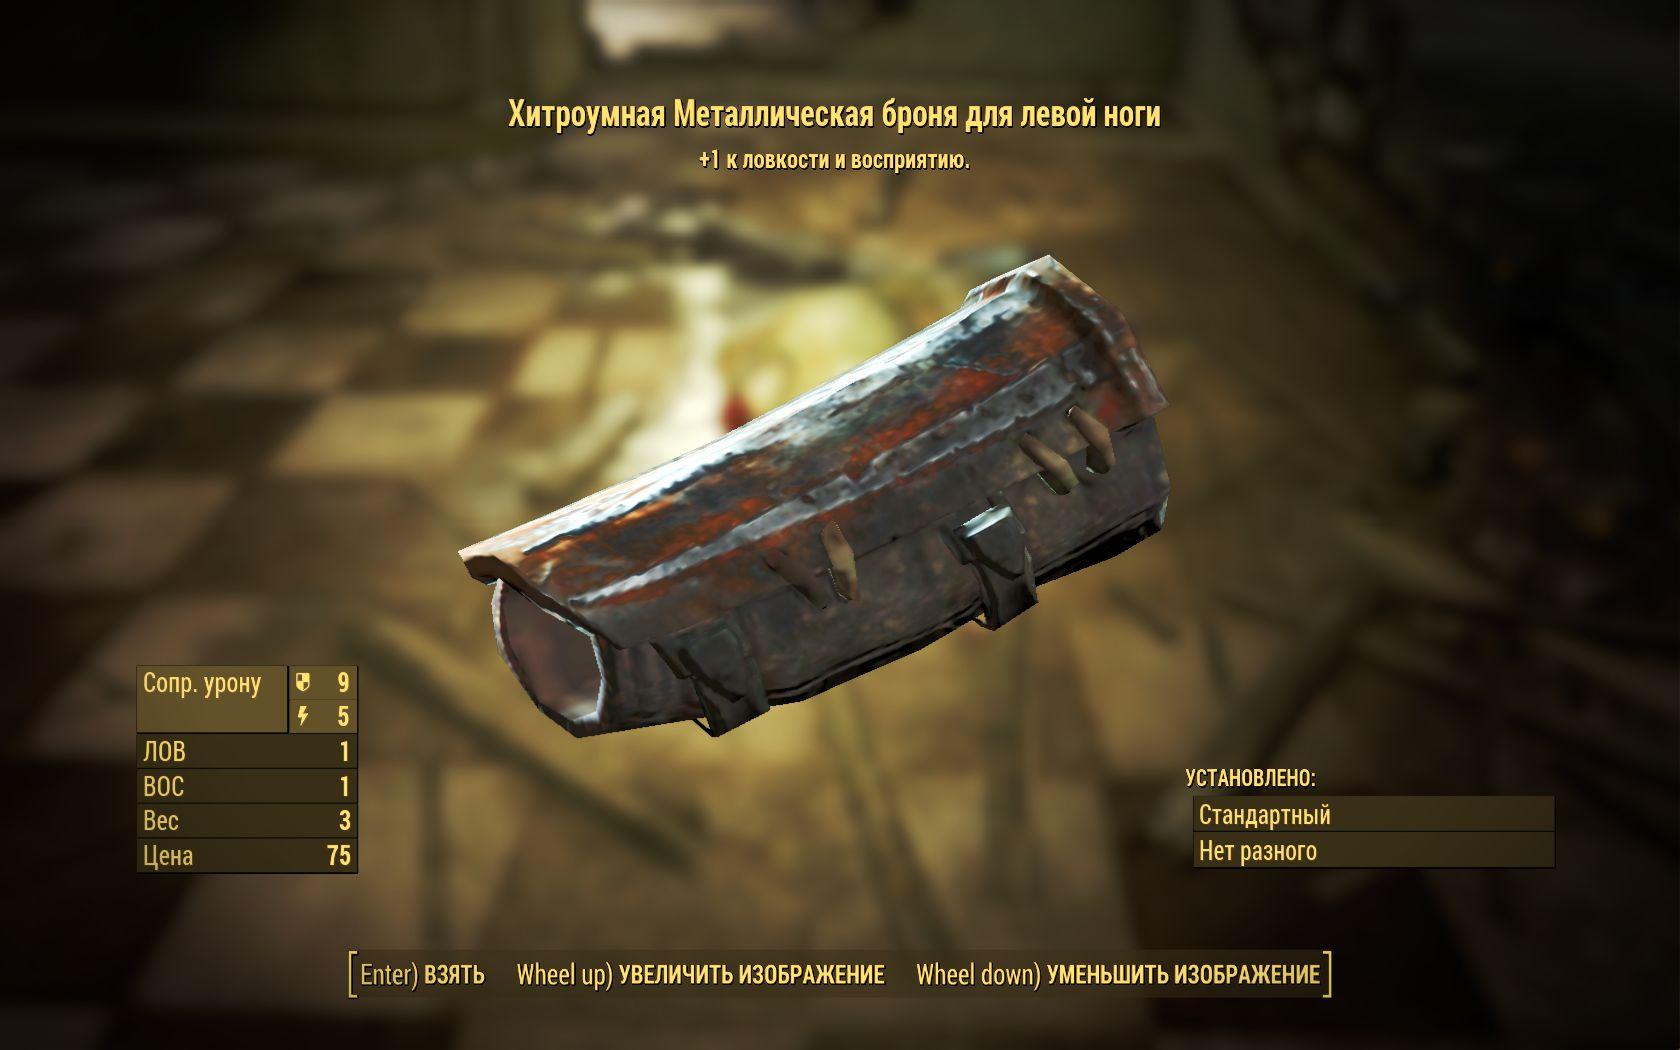 Хитроумная металлическая броня для левой ноги - Fallout 4 броня